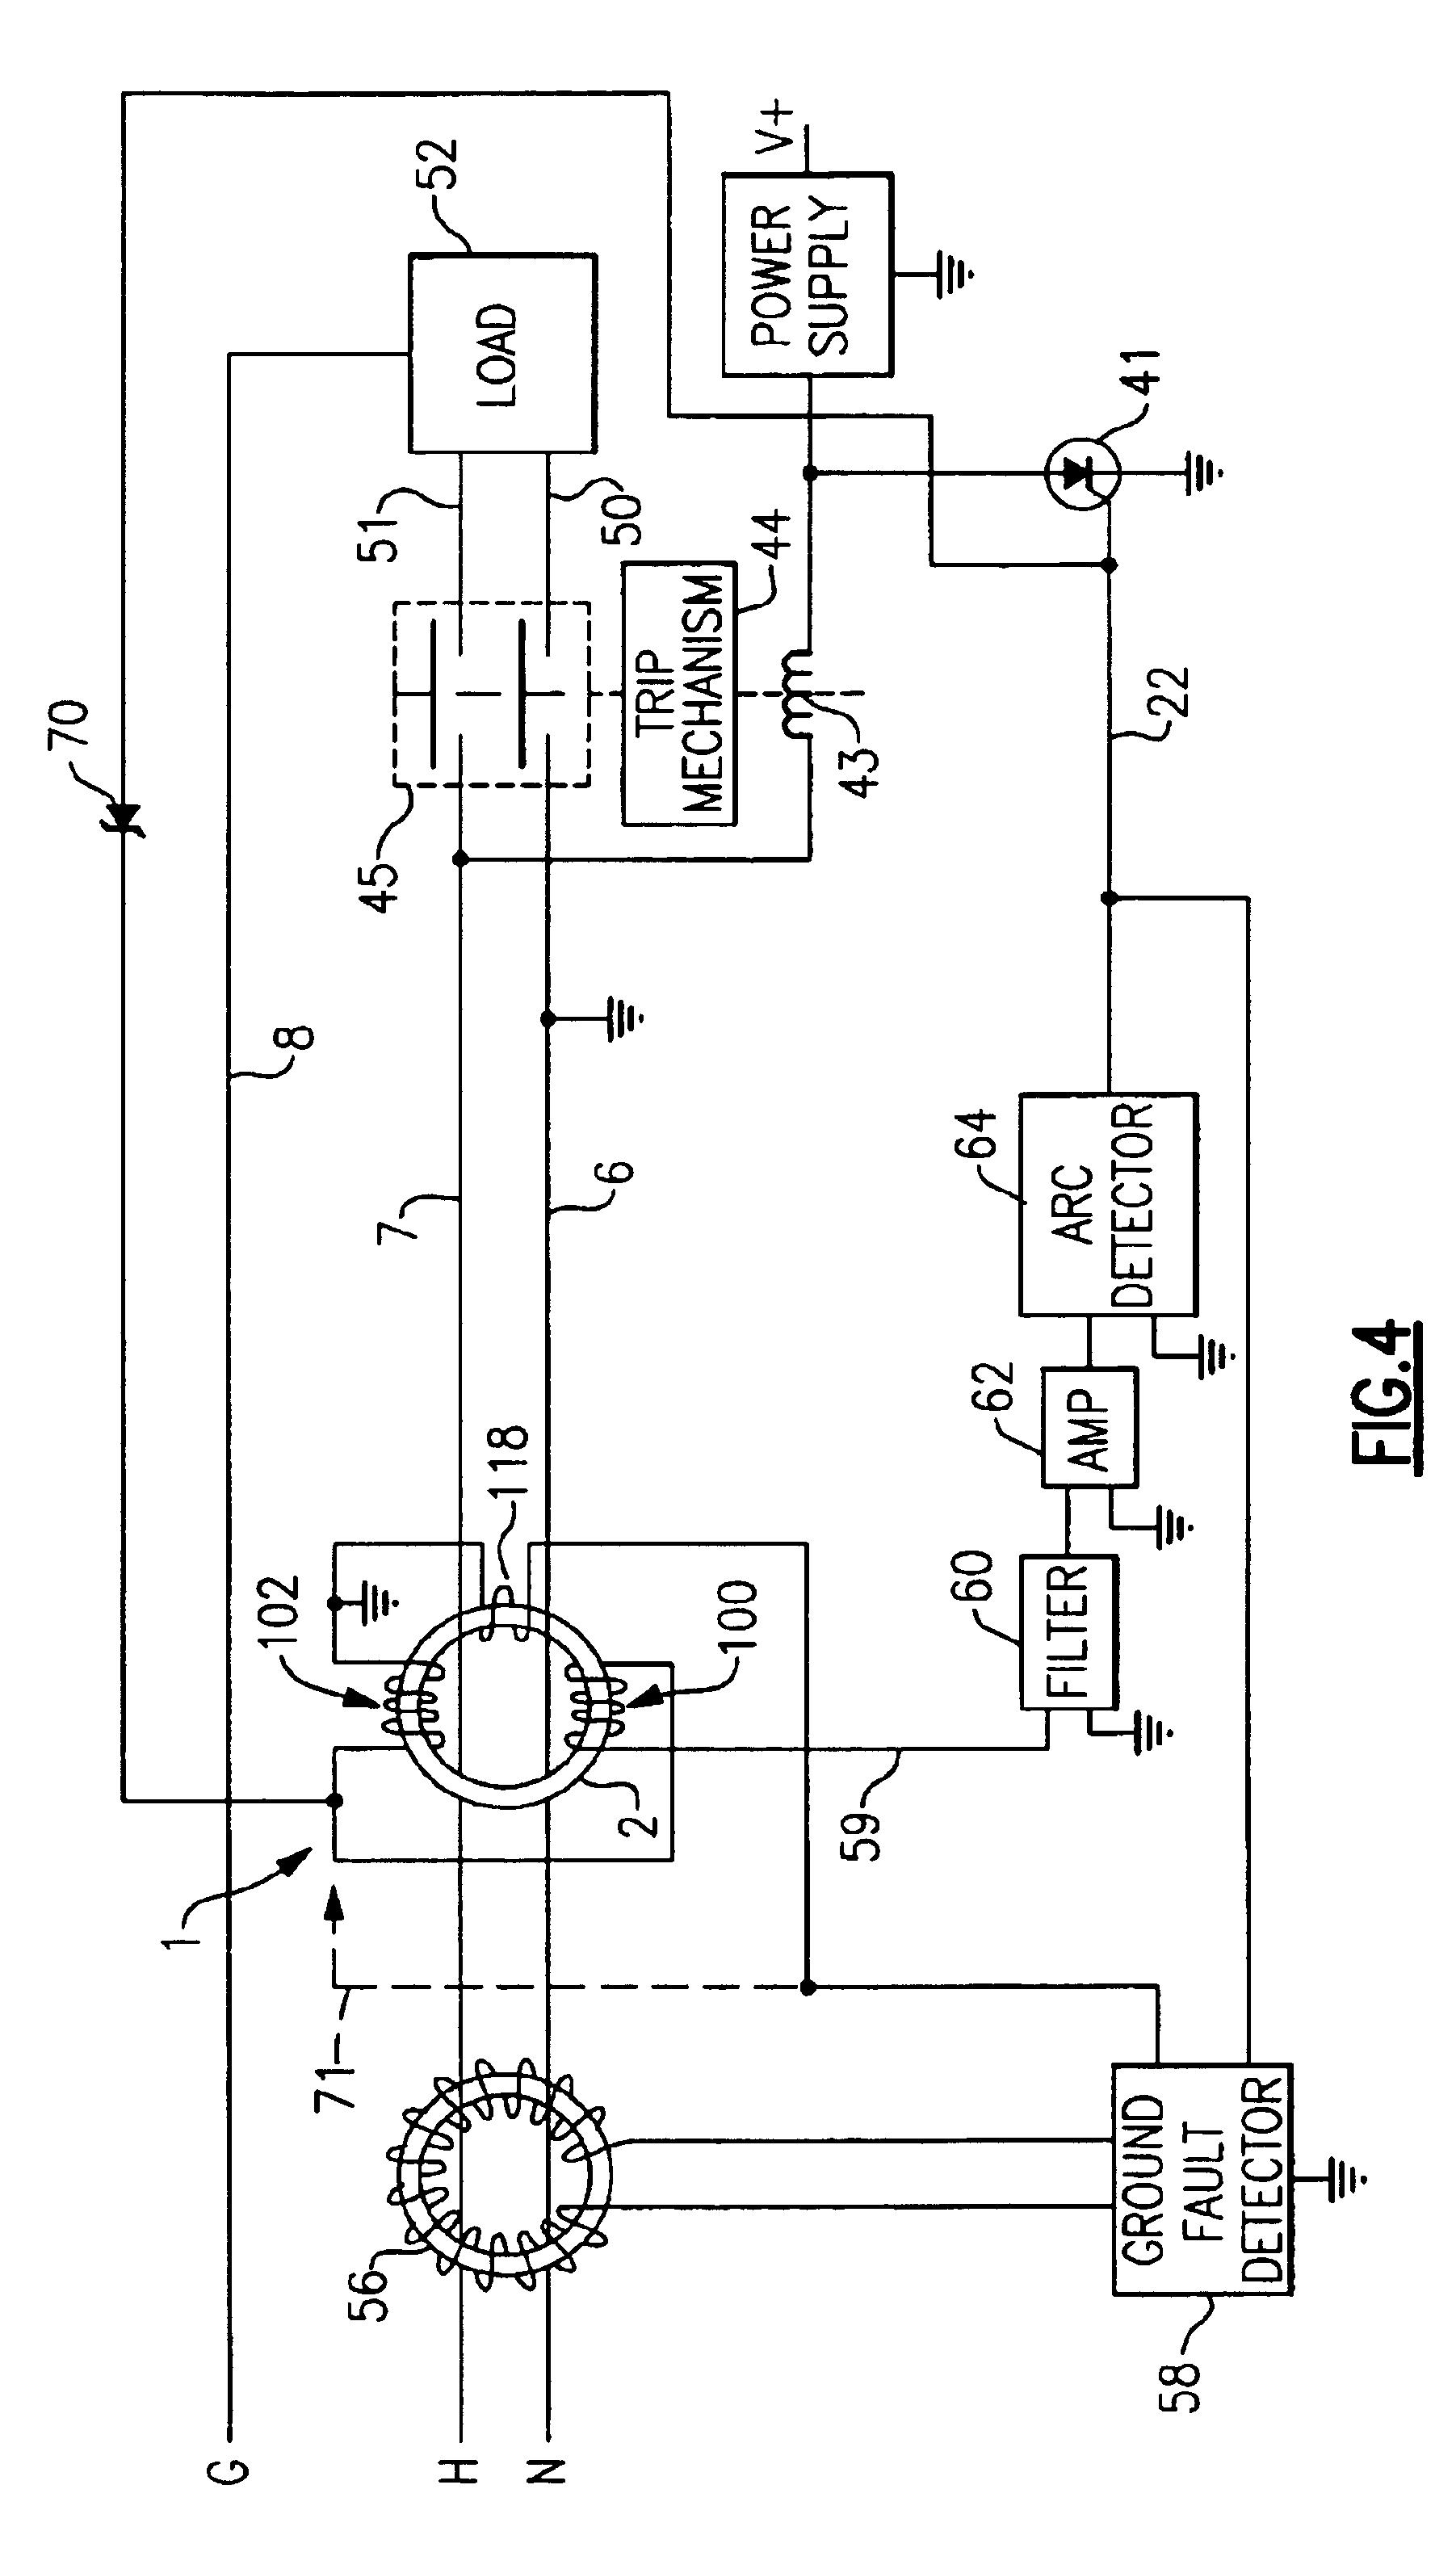 patent us6876528